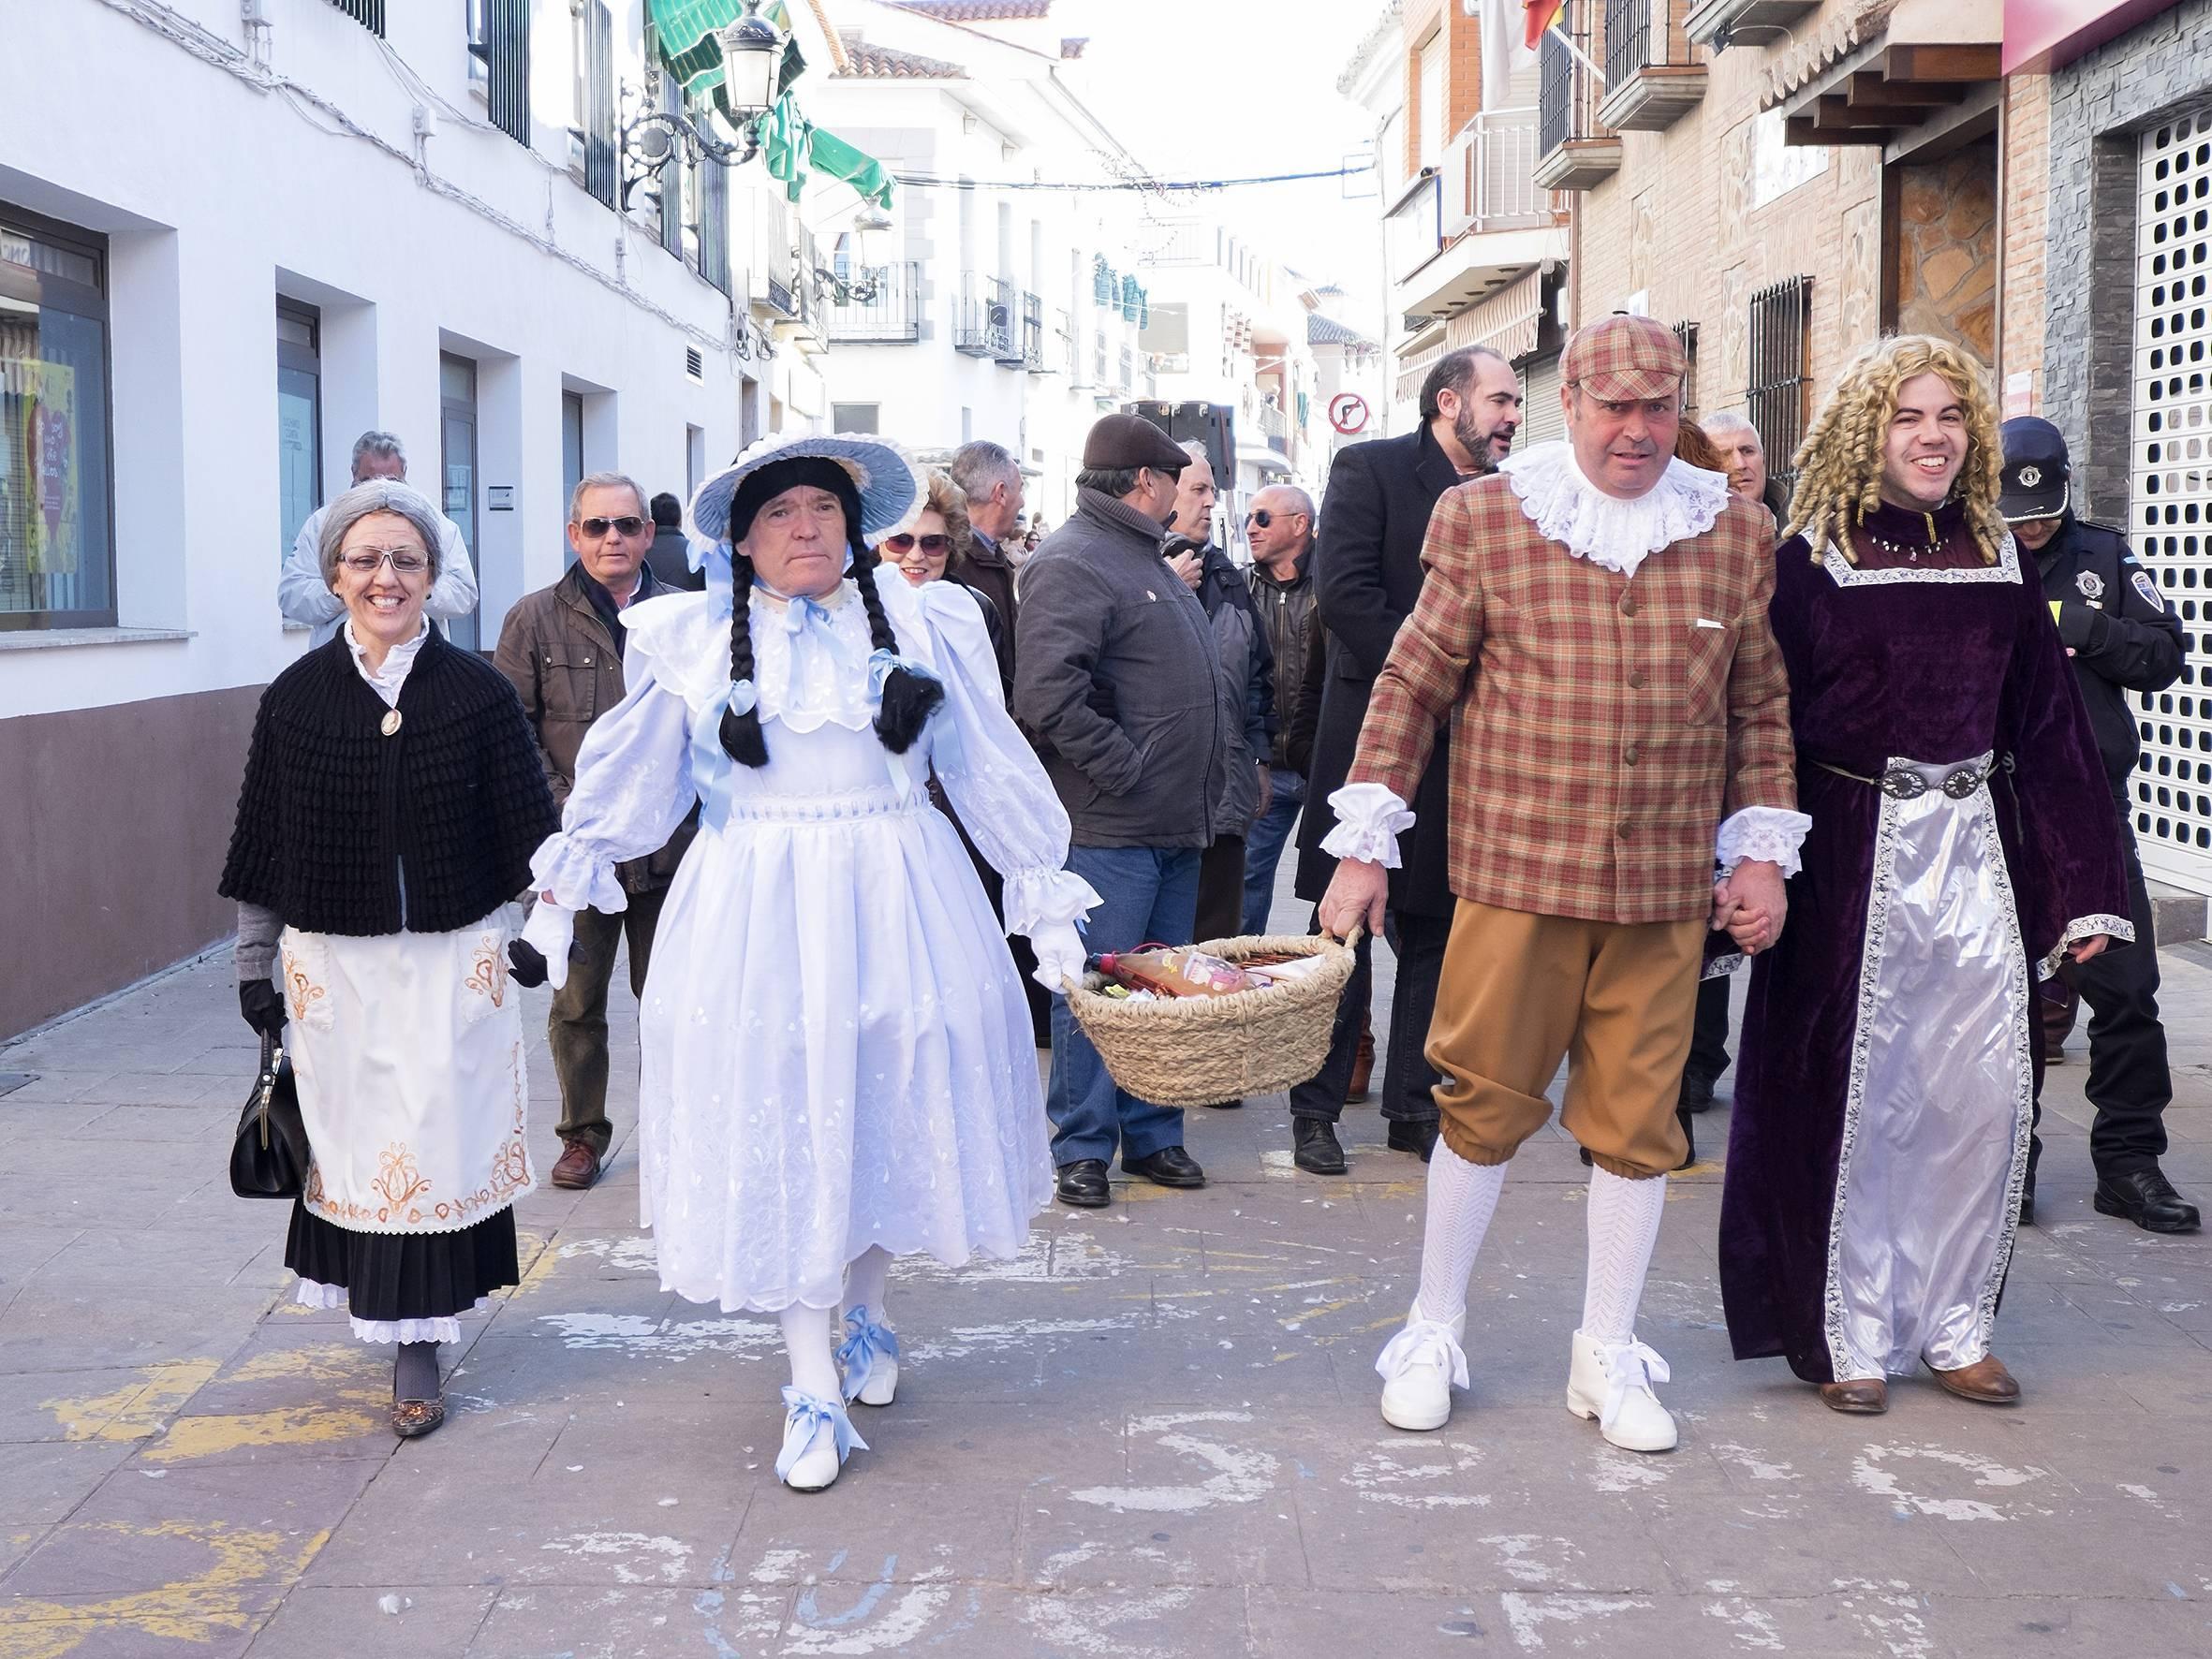 herencia deseosas desfile con concejal y alcalde angel gema - Herencia comenzó su Carnaval 2015 de forma muy participativa con Ansiosos, flashmob y Desfile de las Deseosas